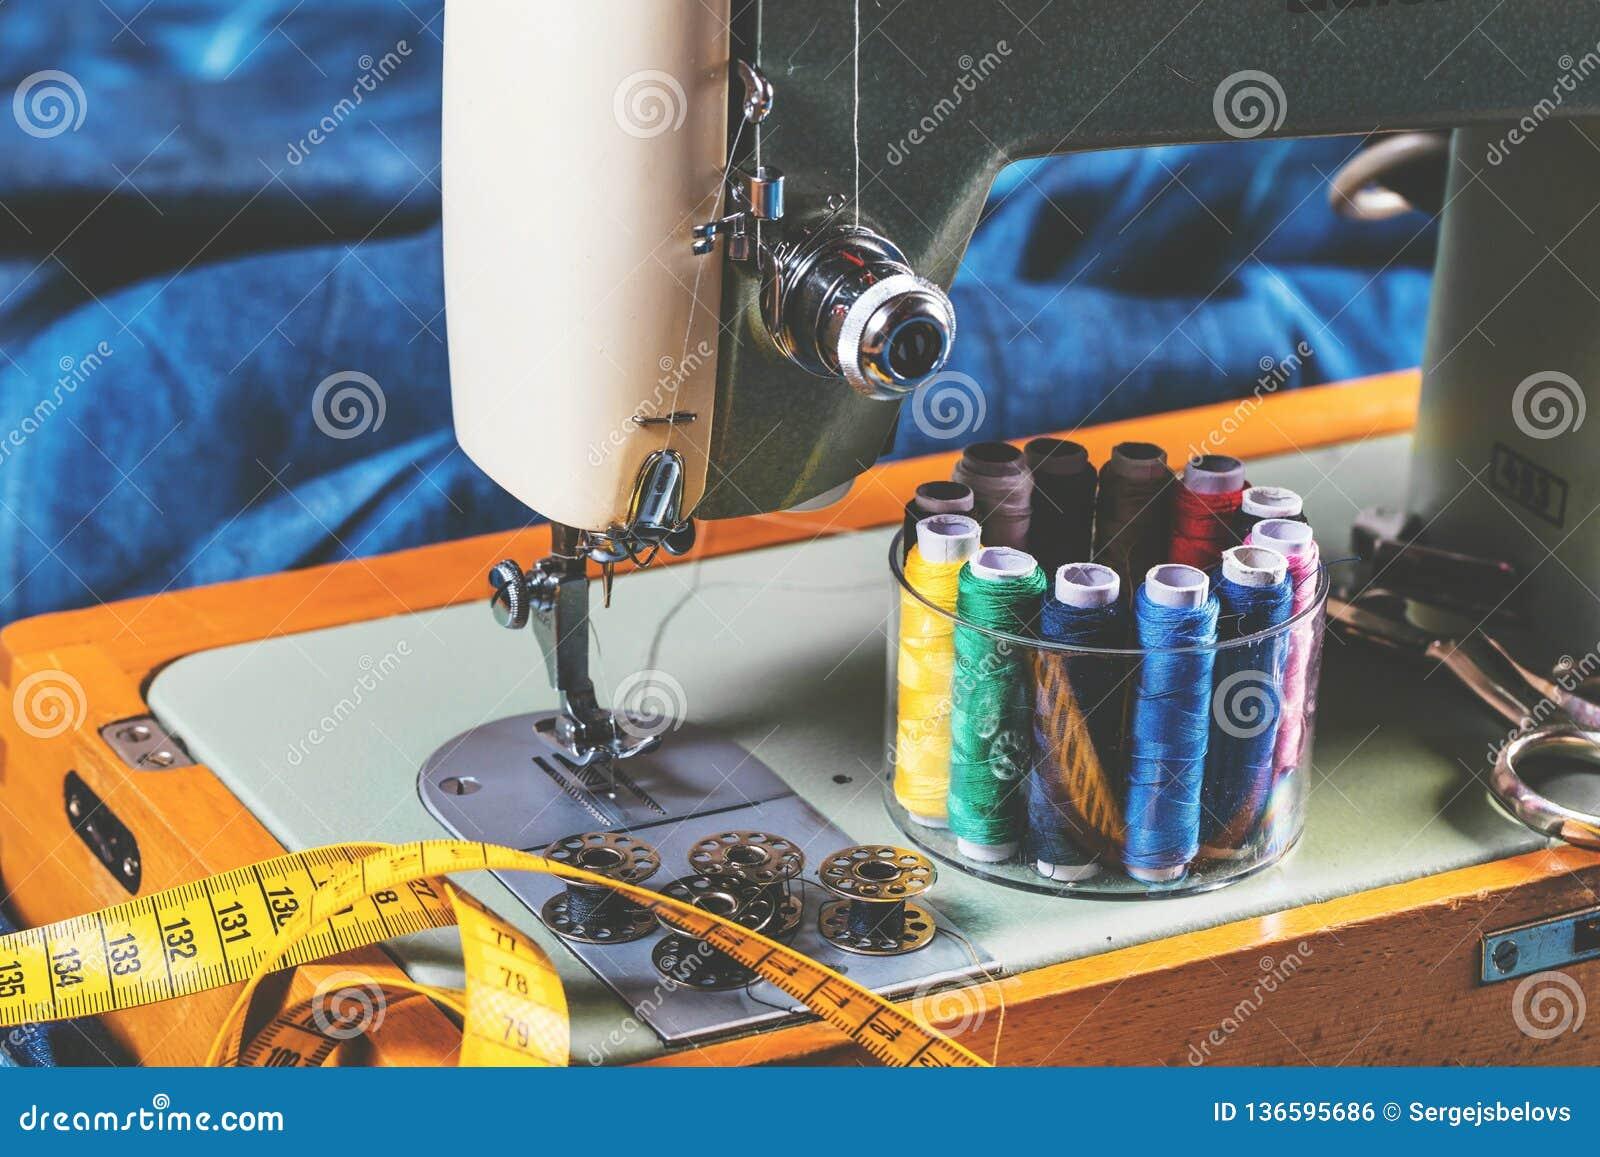 Tkanina różnorodni typy i przedmioty dla szyć Stubarwna tkanina, nić nawija, igły, szwalna łapa potrzebuje dla szyć